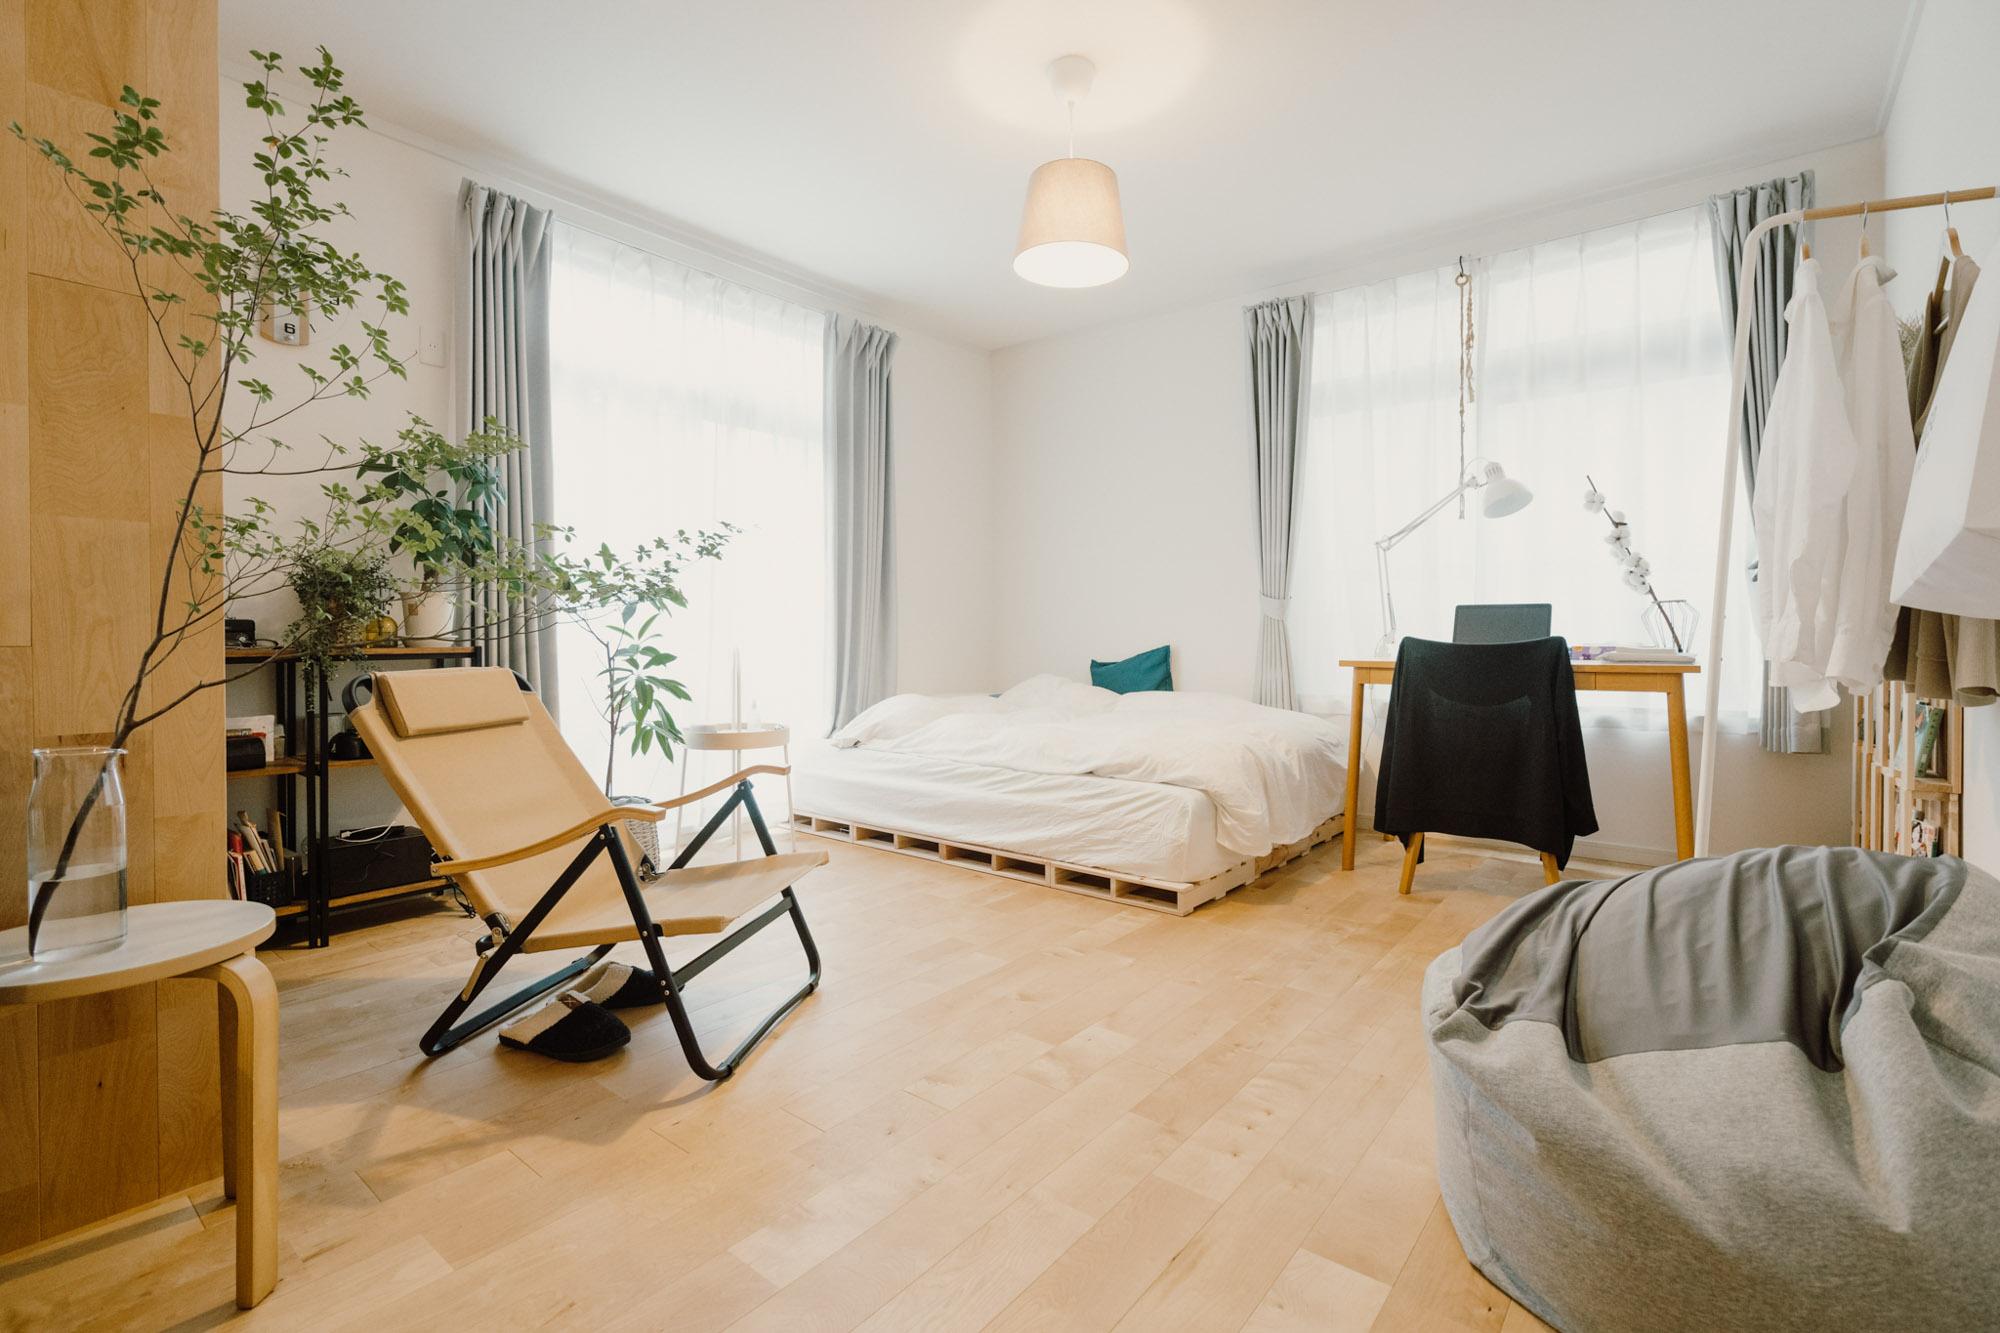 ベッドルーム側も、なるべく色数は少なく、背の高い家具は置かずに、部屋を広く見せる工夫をされています。